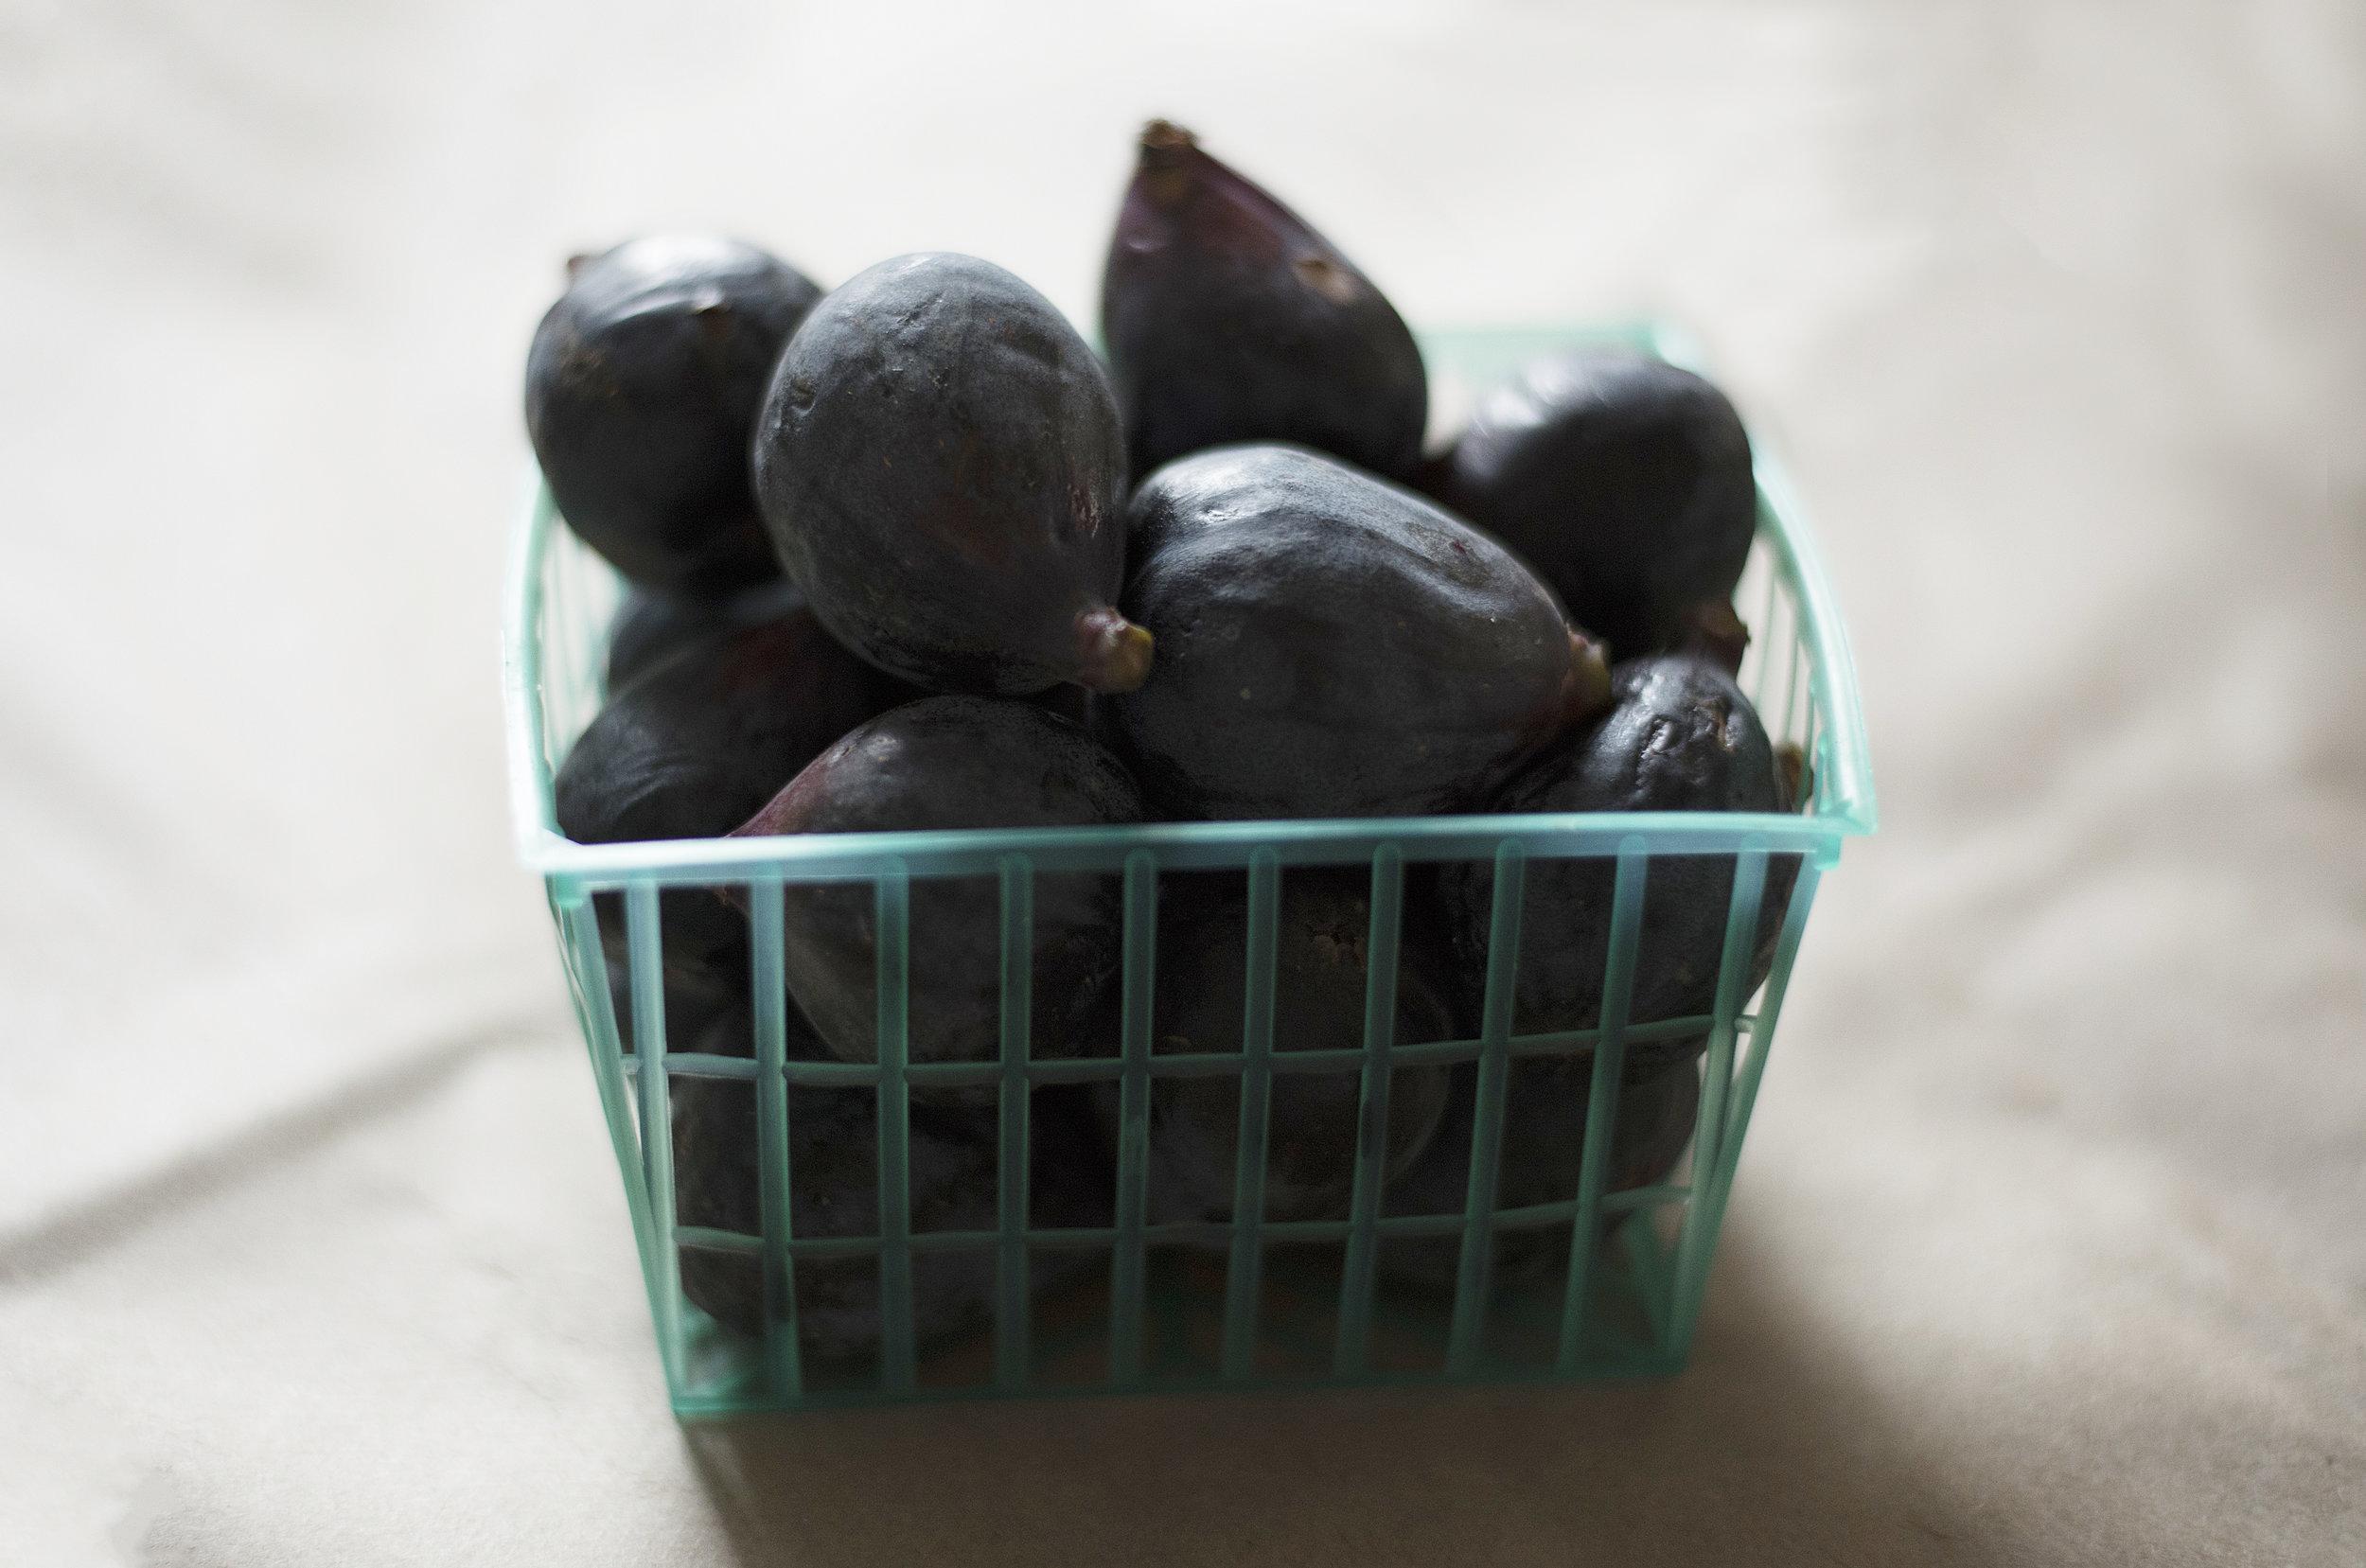 Figs020.jpg